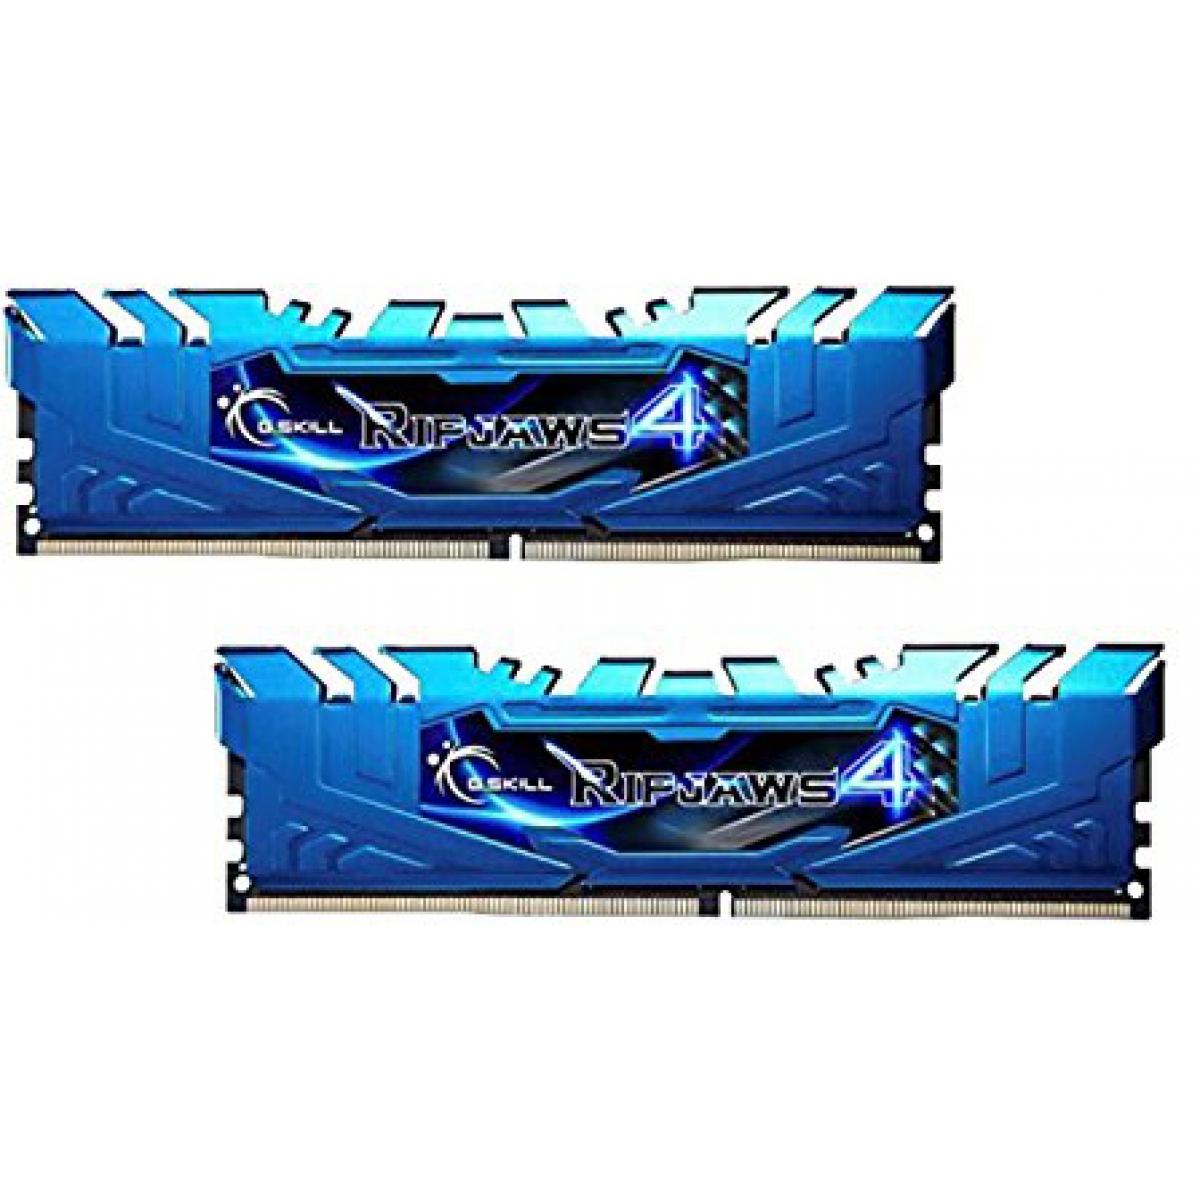 Memória DDR4 G.Skill Ripjaws 4, 16GB (2x8GB) 3000MHz, F4-3000C15D-16GRBB